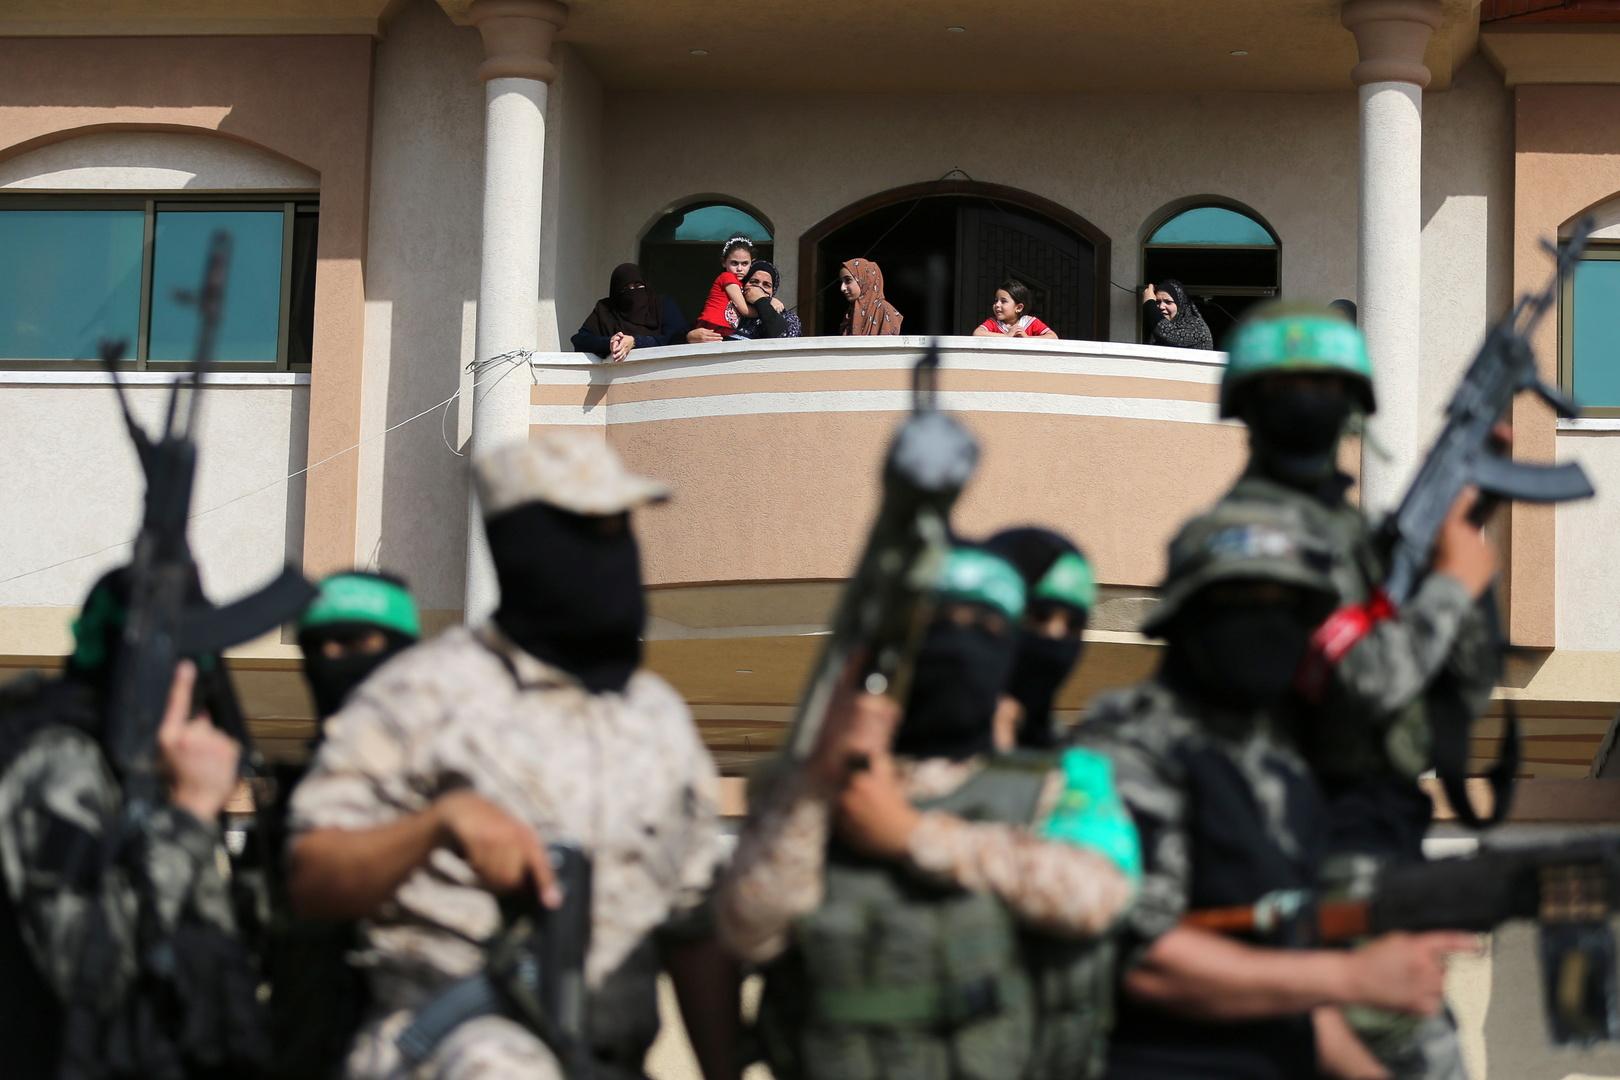 الإعلام الإسرائيلي: حماس تجند فلسطينيين بالضفة لاستهداف إسرائيليين